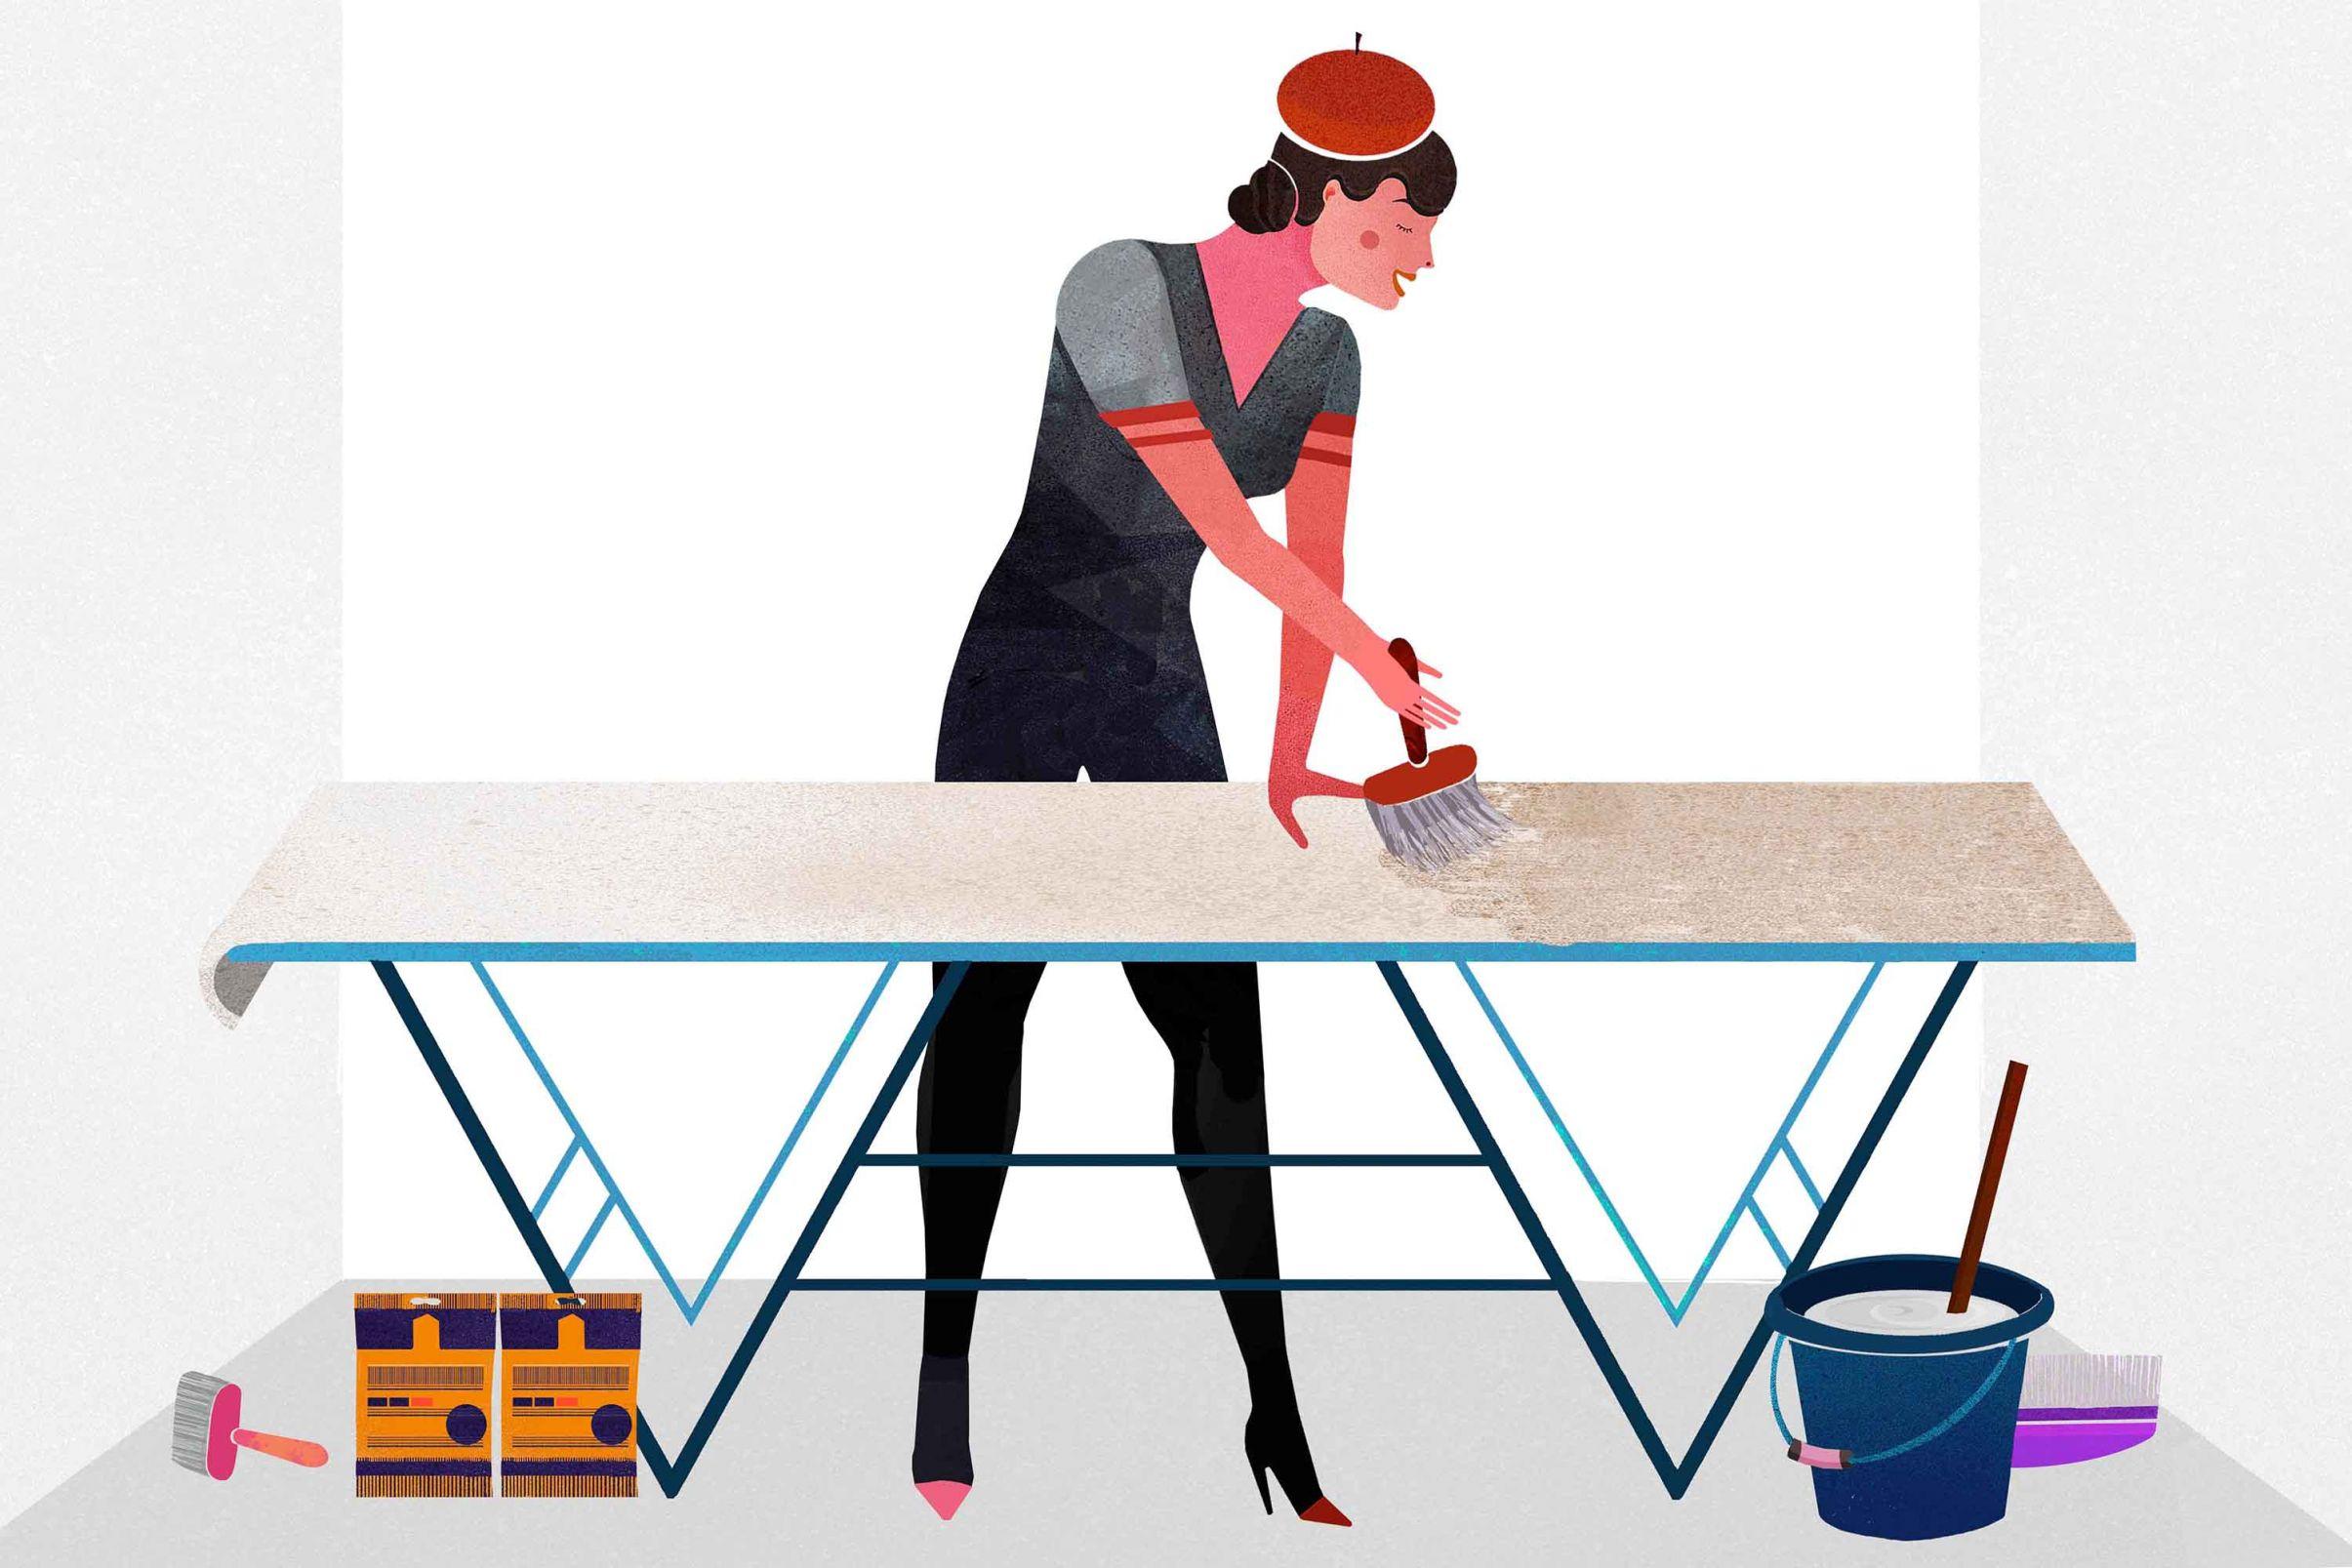 Como-colocar-papel-pintado-con-base-de-papel-Aplicar-la-pasta-al-papel